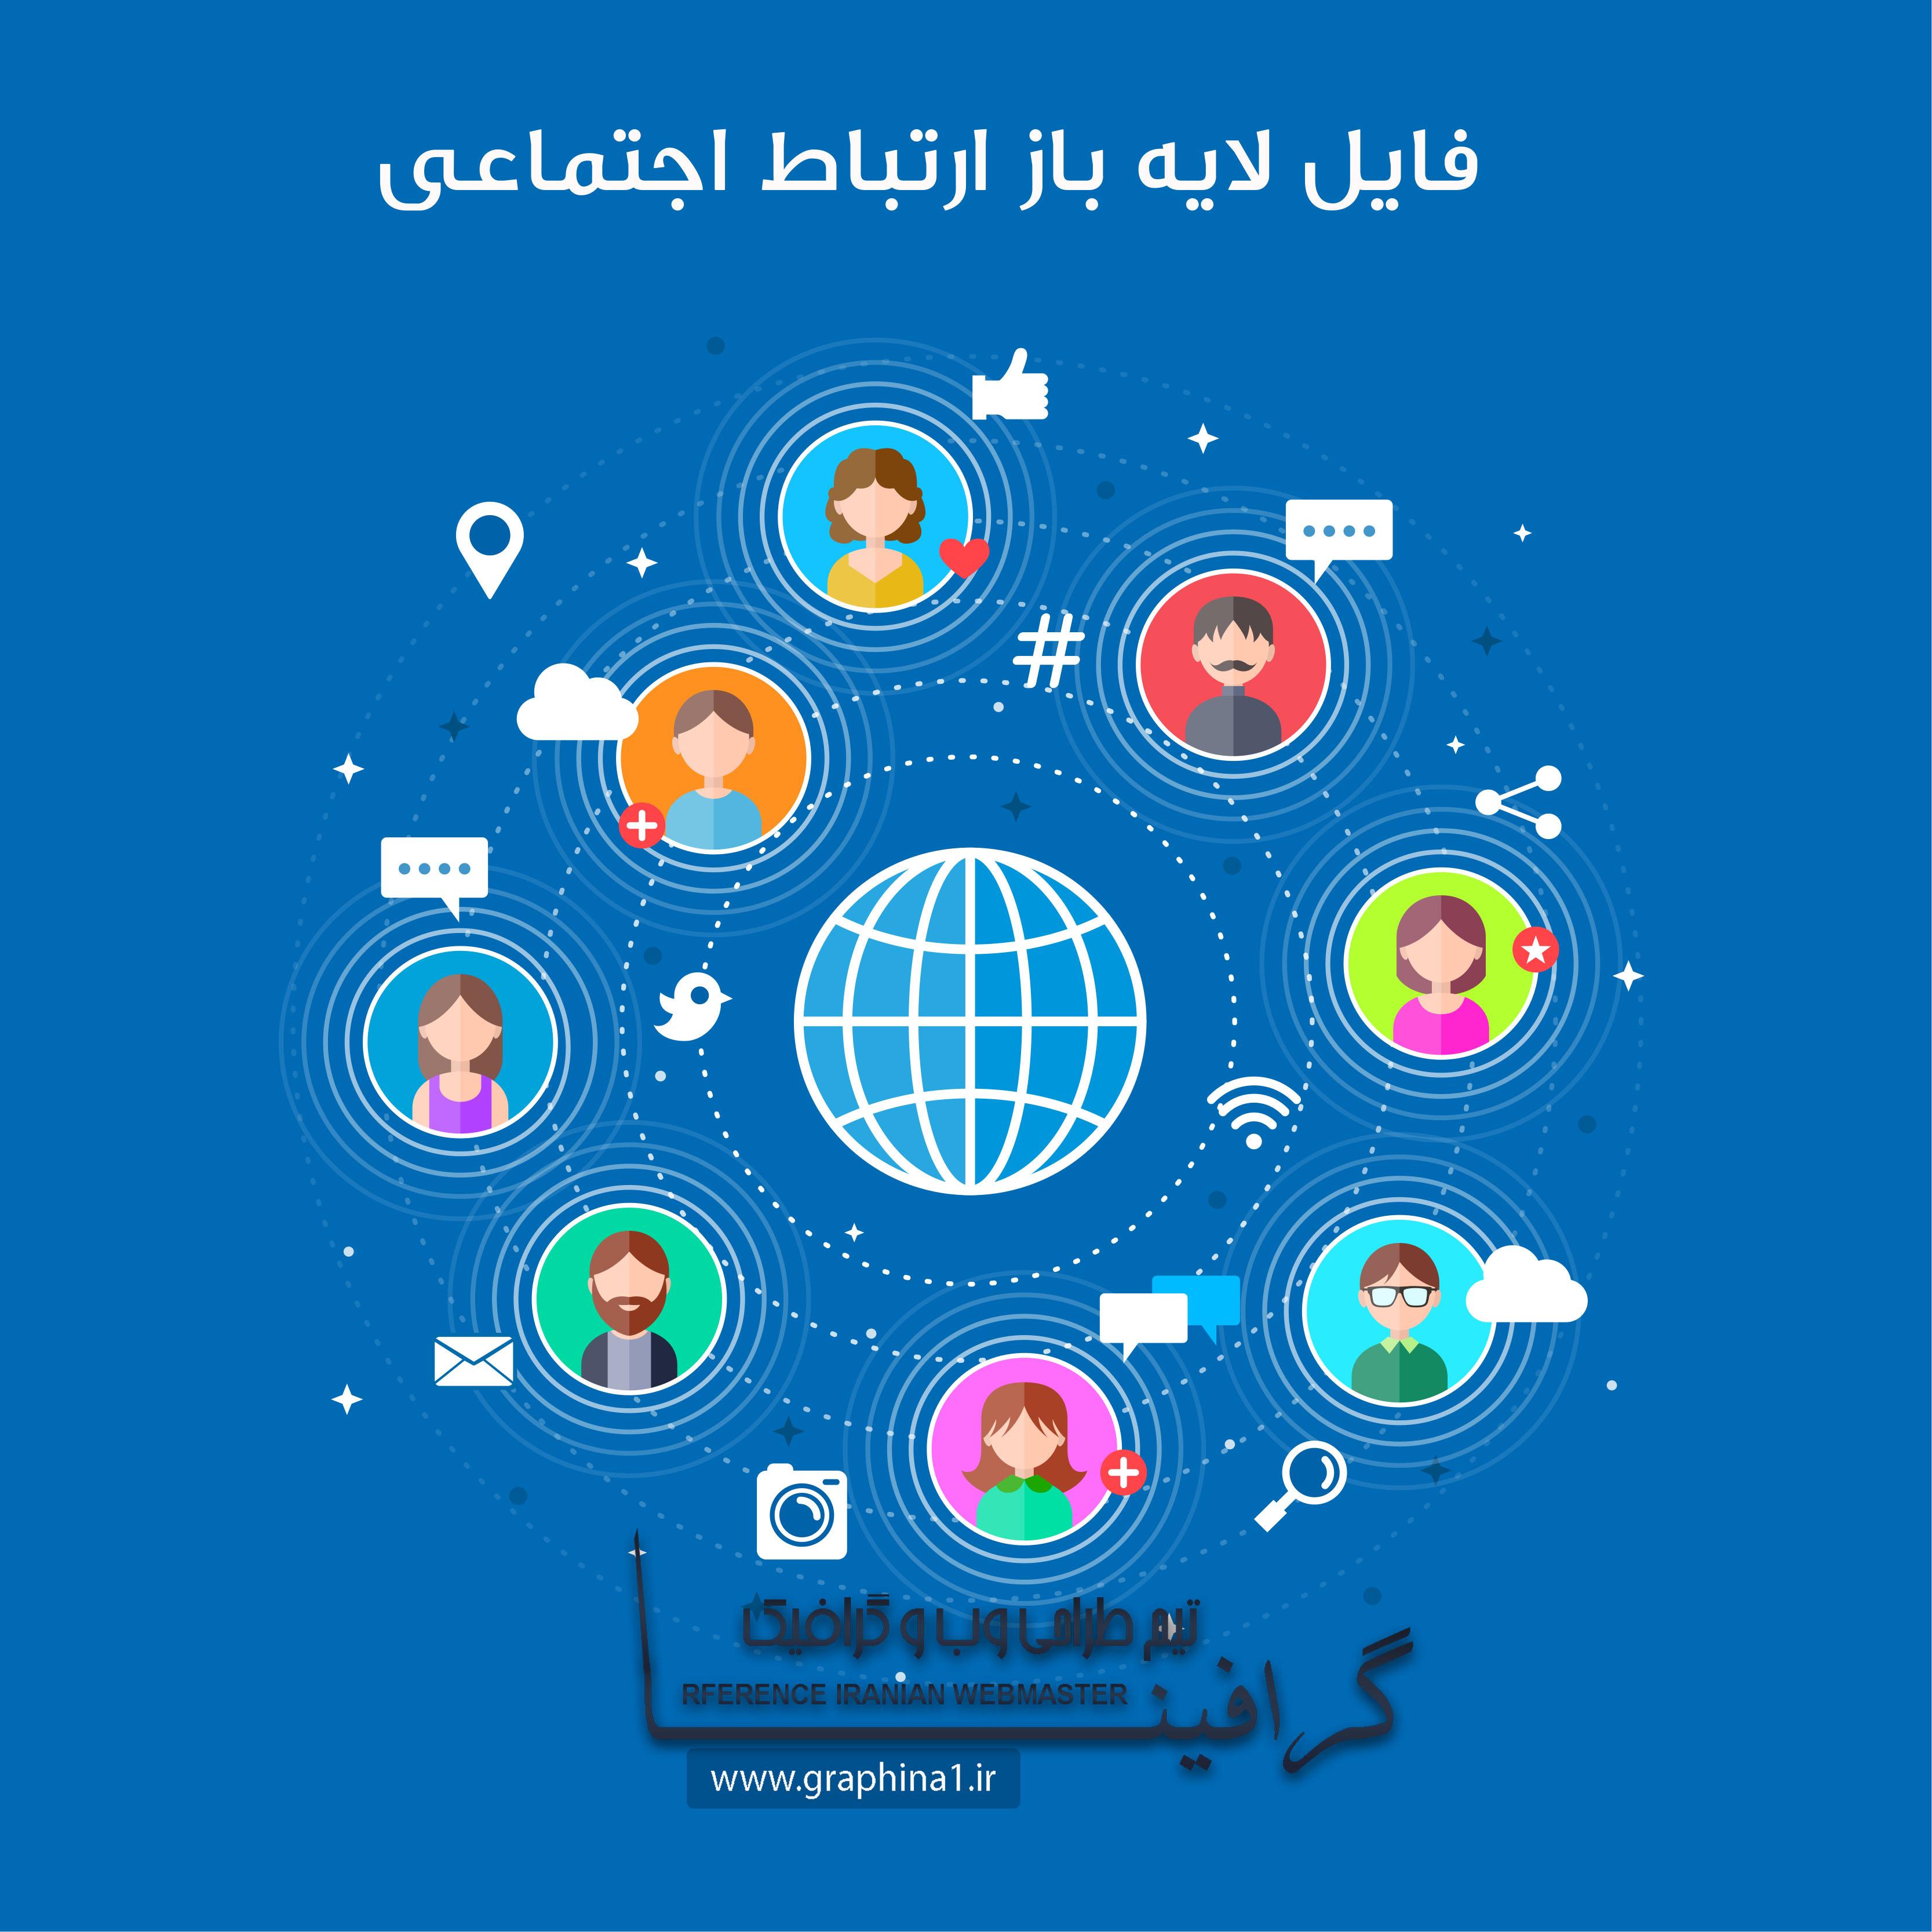 دانلود فایل لایه باز ارتباط  اجتماعی